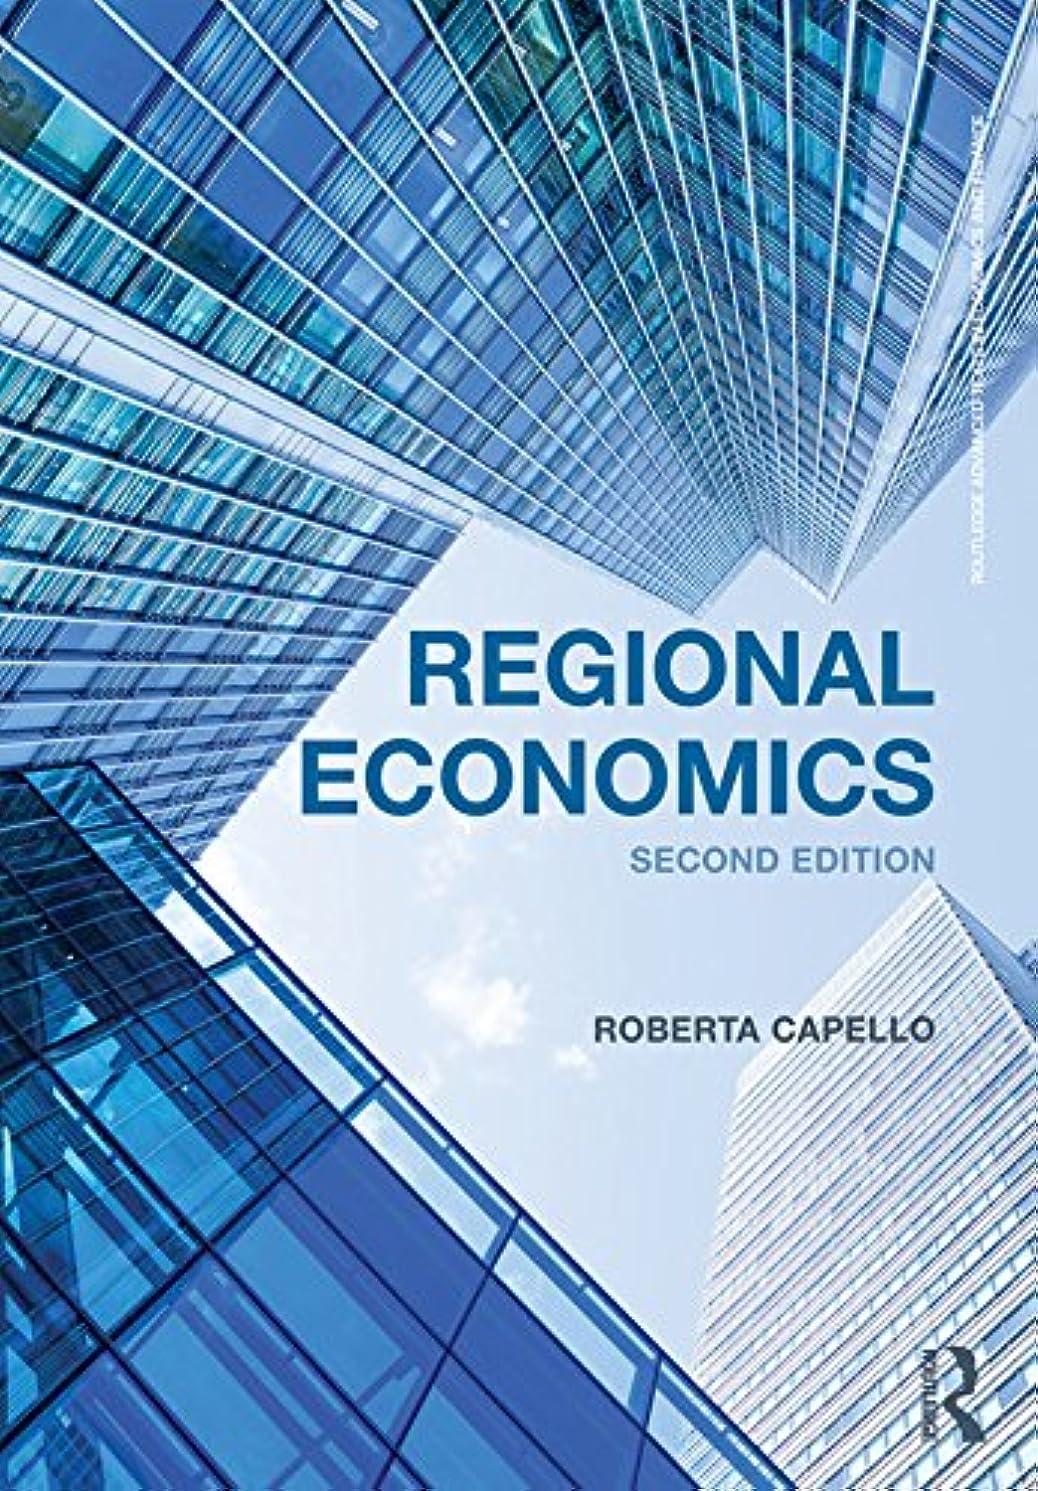 超える墓地関連付けるRegional Economics (Routledge Advanced Texts in Economics and Finance Book 27) (English Edition)